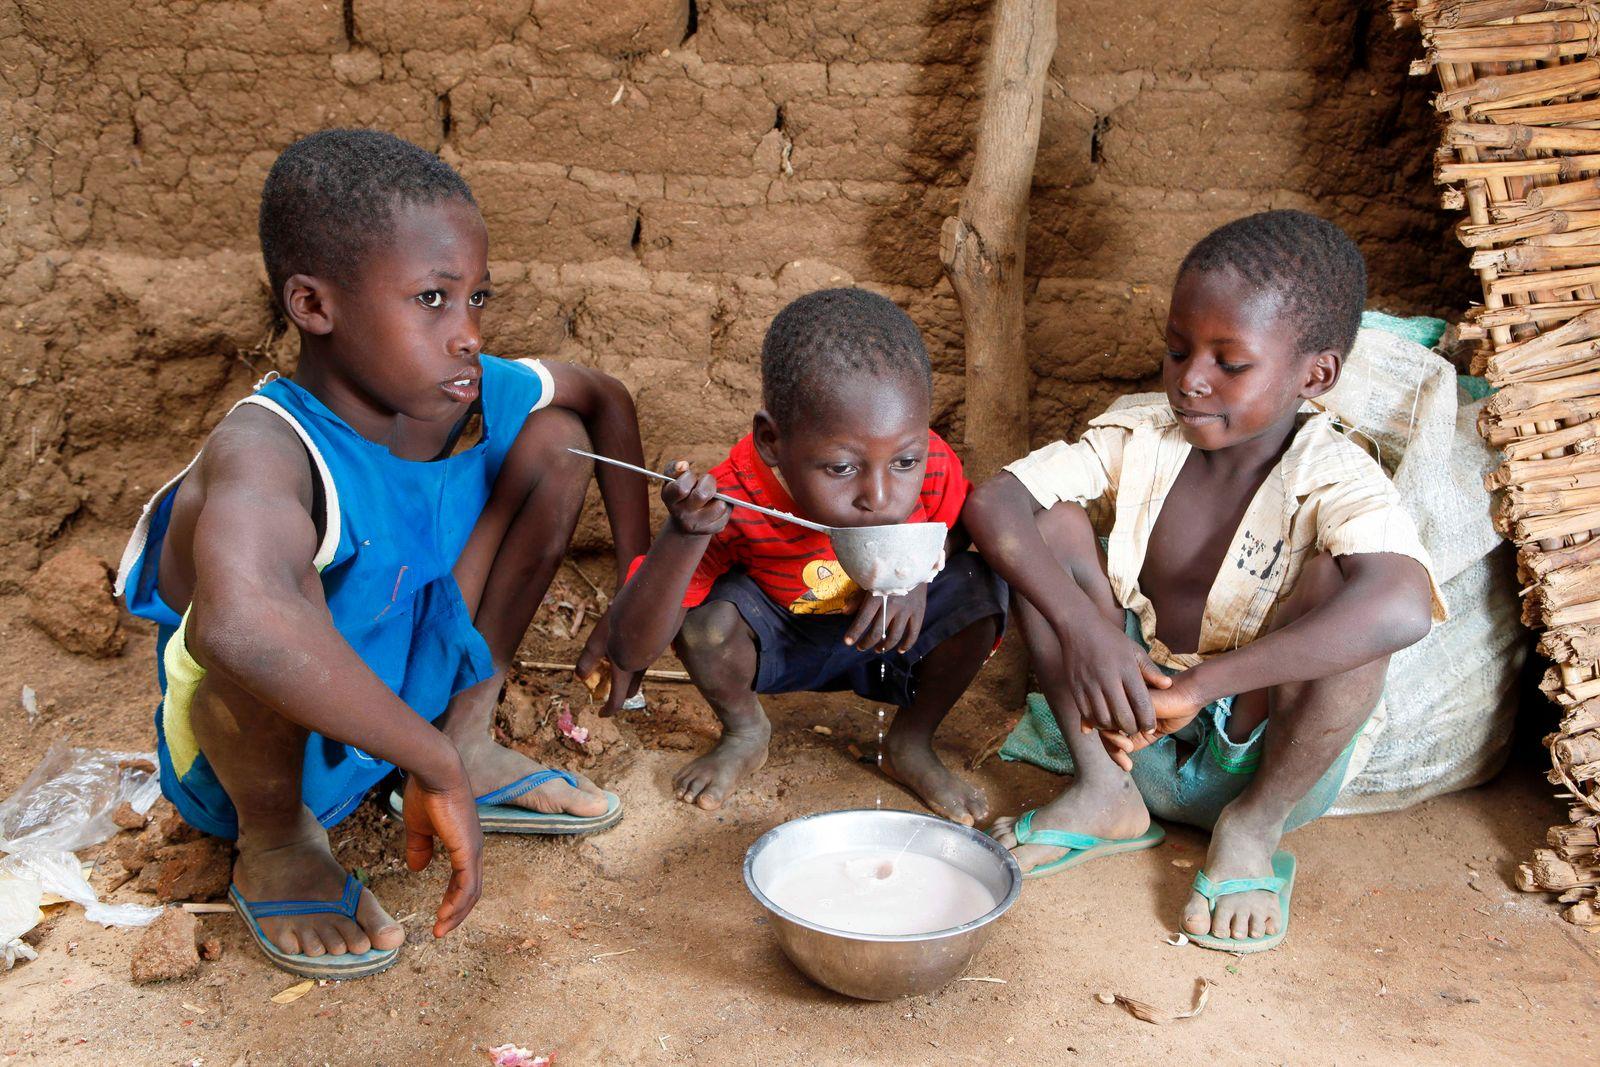 Kinder teilen sich eine Mahlzeit